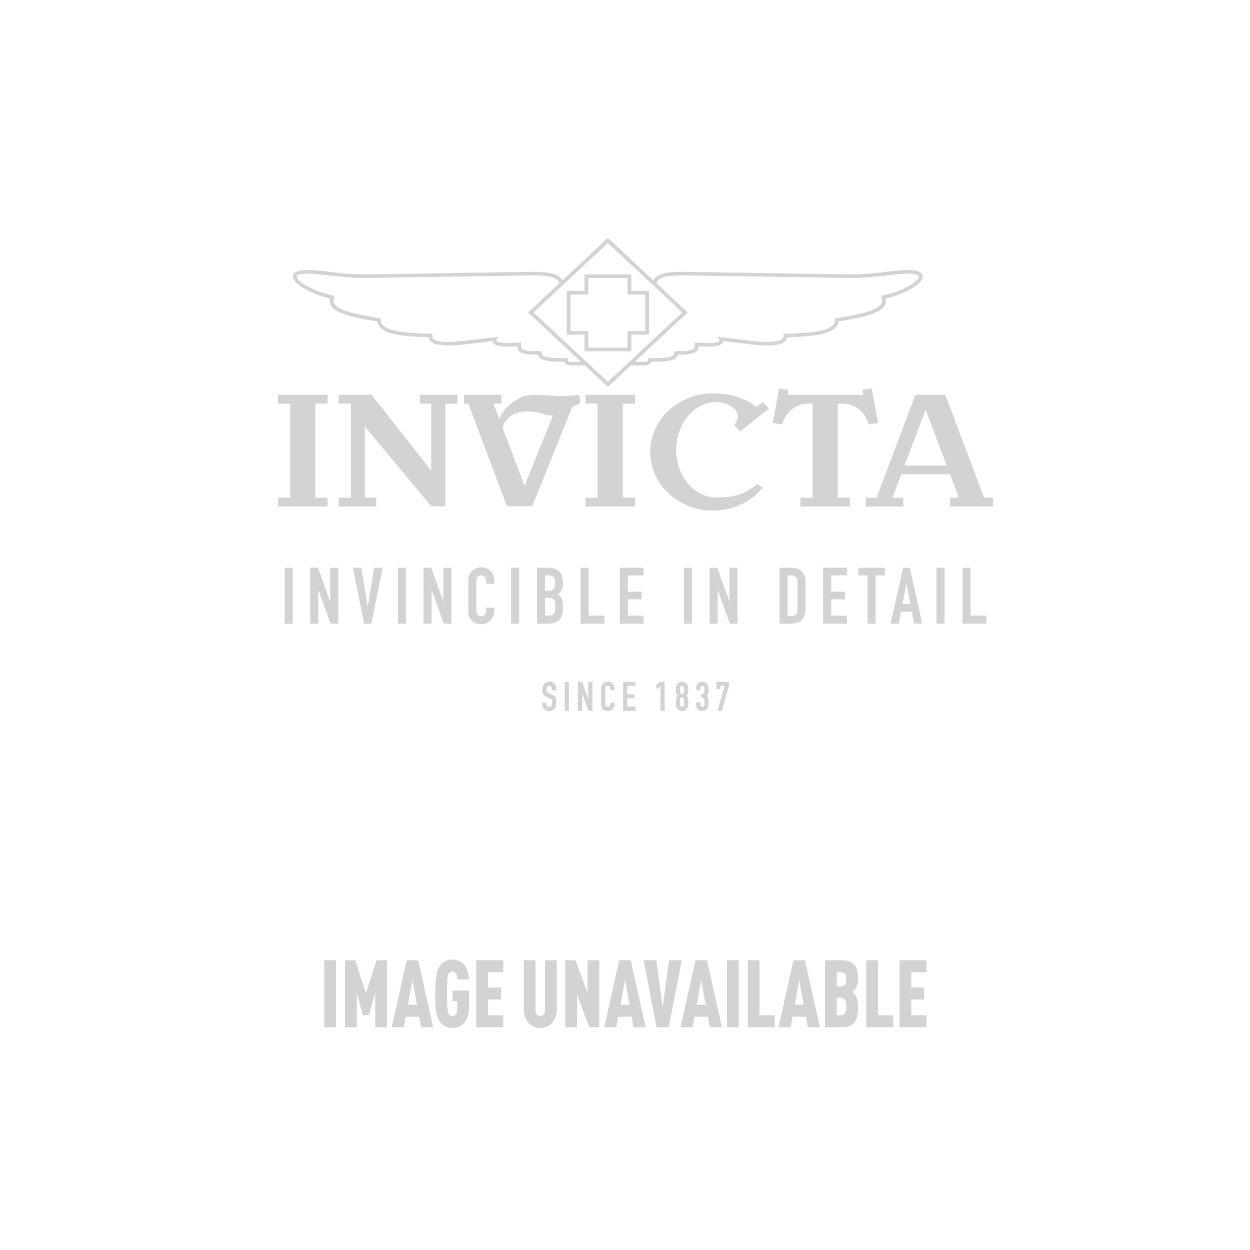 Invicta Model 28199